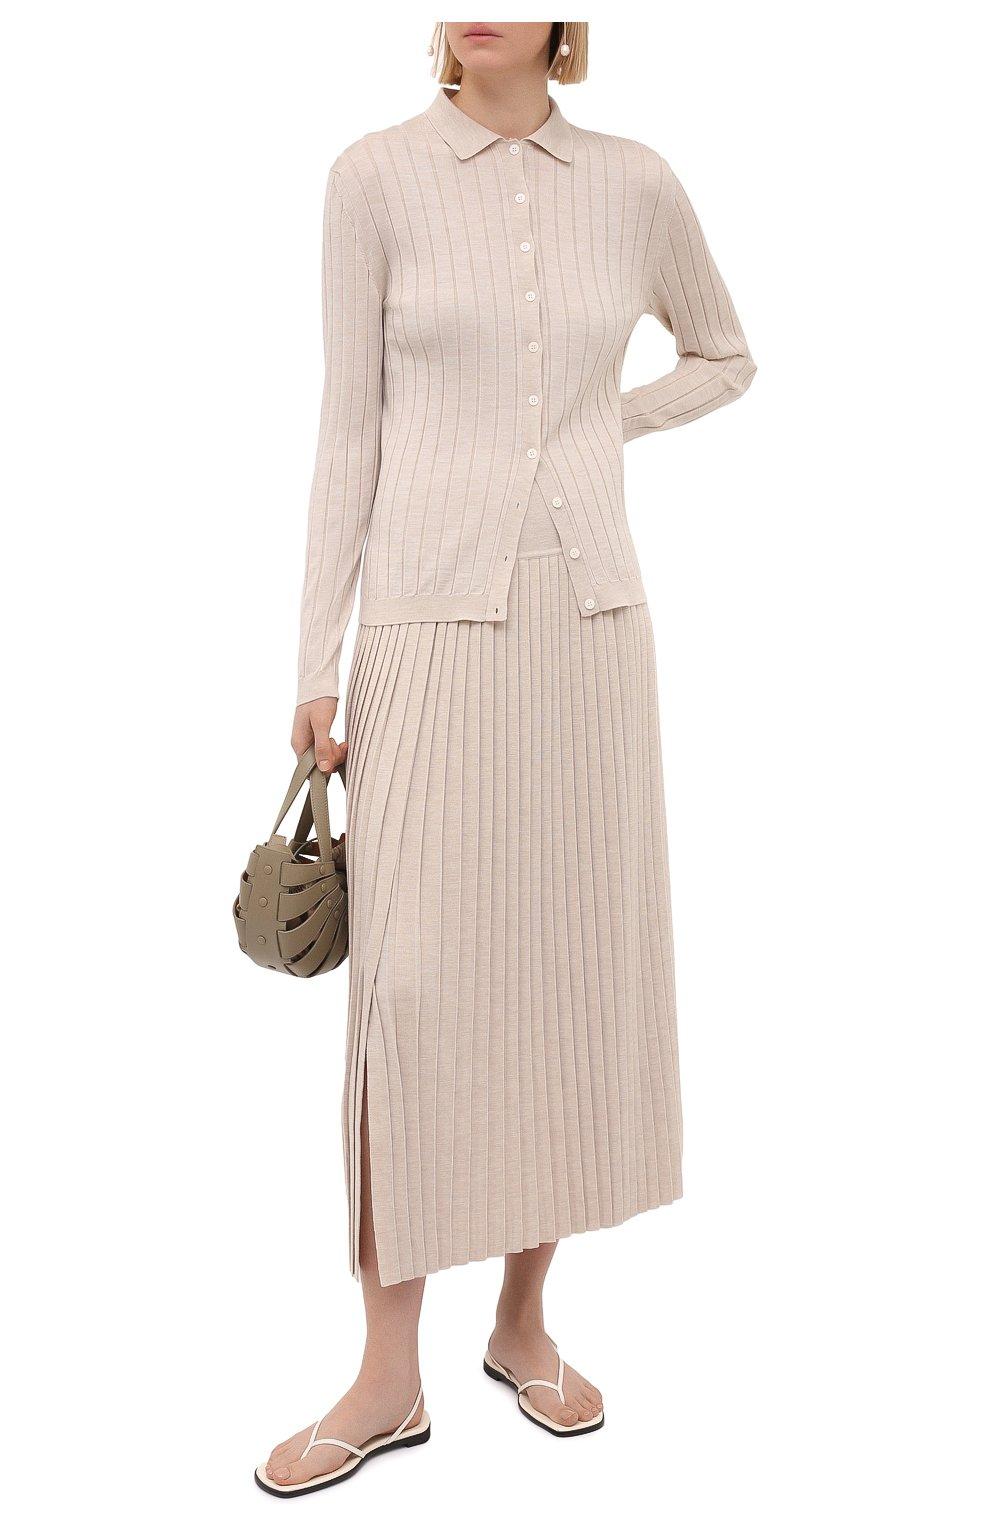 Женская юбка из шерсти и шелка THE ROW бежевого цвета, арт. 5678Y476 | Фото 2 (Материал внешний: Шерсть, Шелк; Женское Кросс-КТ: юбка-плиссе, Юбка-одежда; Кросс-КТ: Трикотаж; Длина Ж (юбки, платья, шорты): Макси; Стили: Кэжуэл)